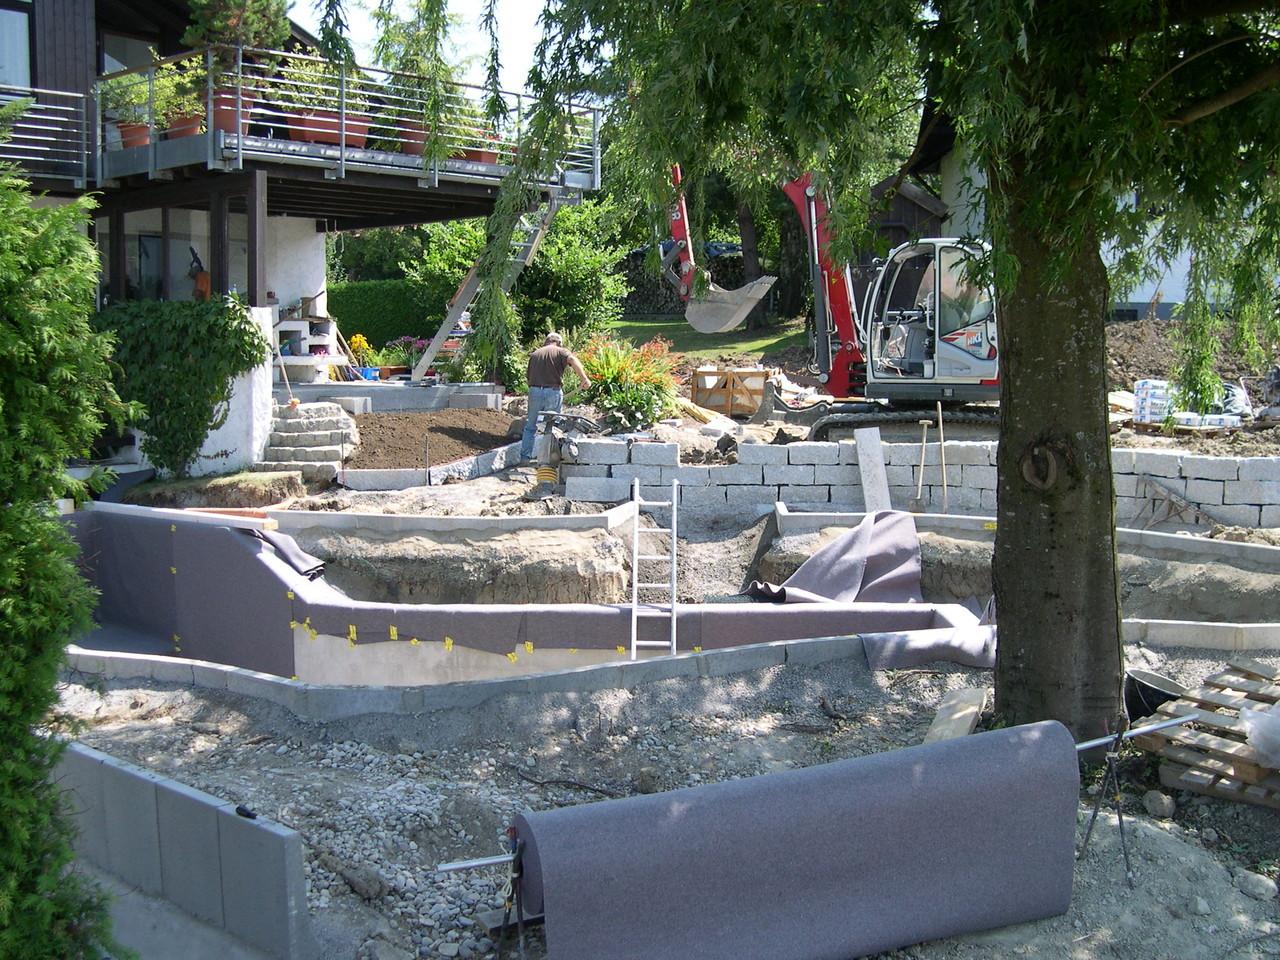 bade und schwimmteich sachverst ndiger gutachter garten und landschaftbau spielplatzpr fer. Black Bedroom Furniture Sets. Home Design Ideas